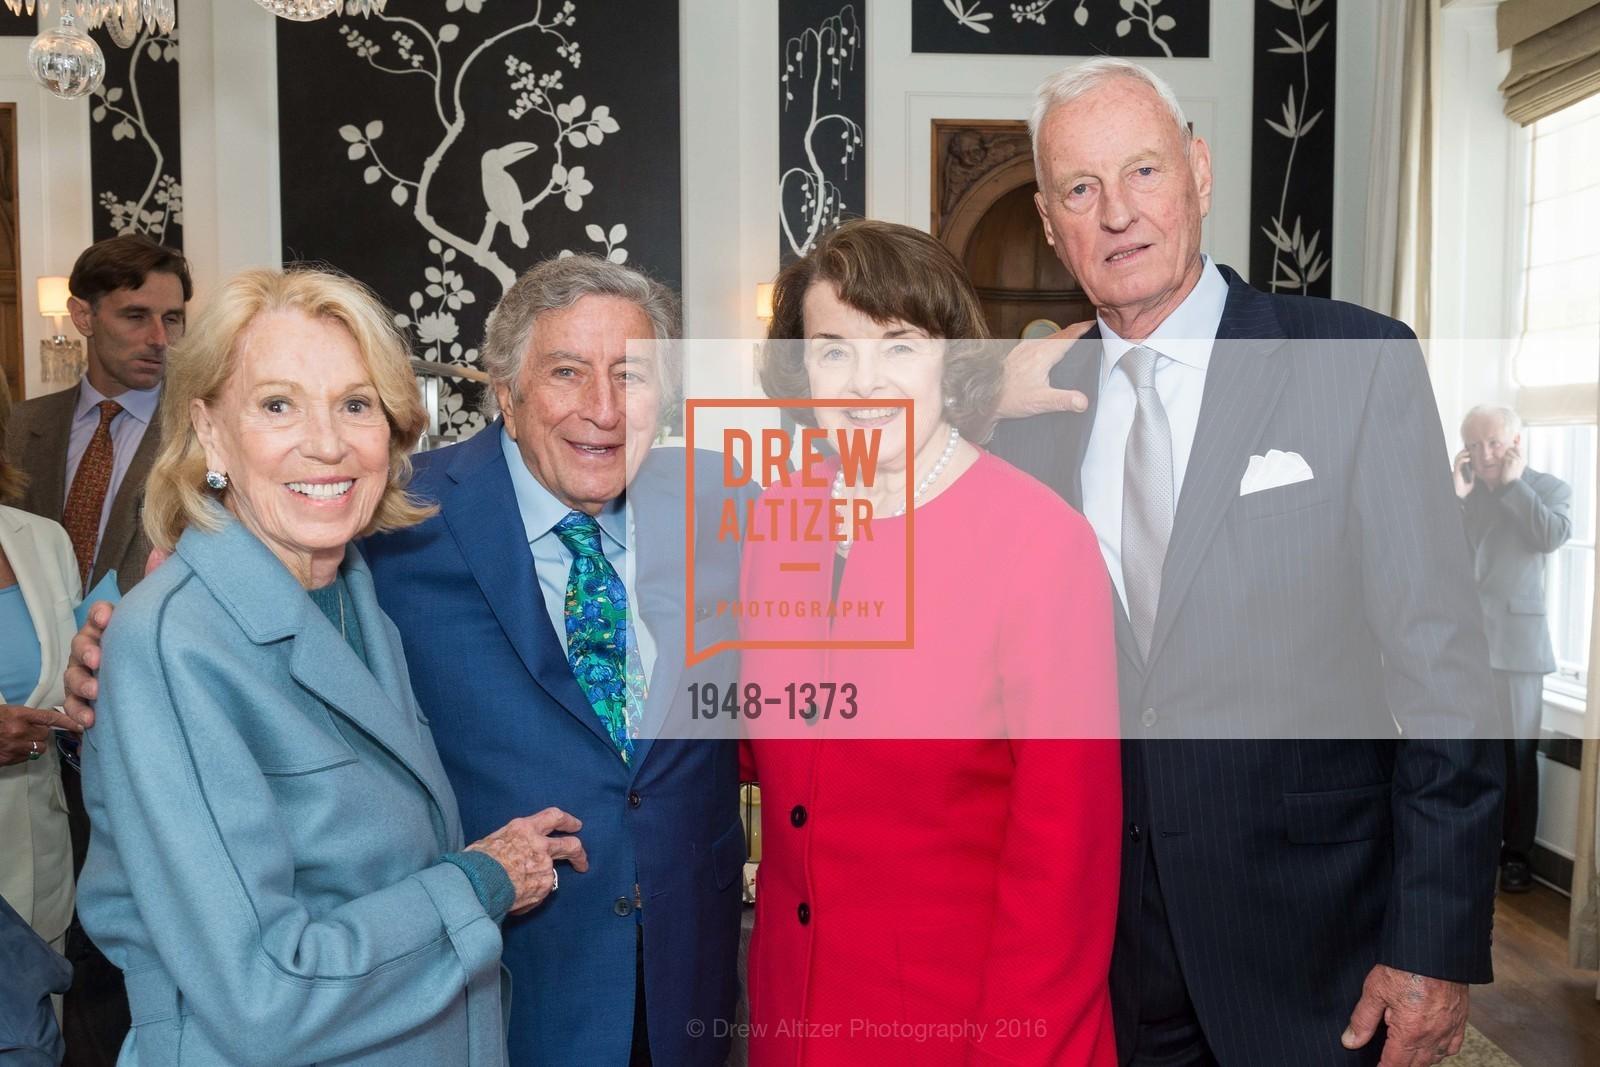 Charlotte Shultz, Tony Bennett, Dianne Feinstein, Photo #1948-1373